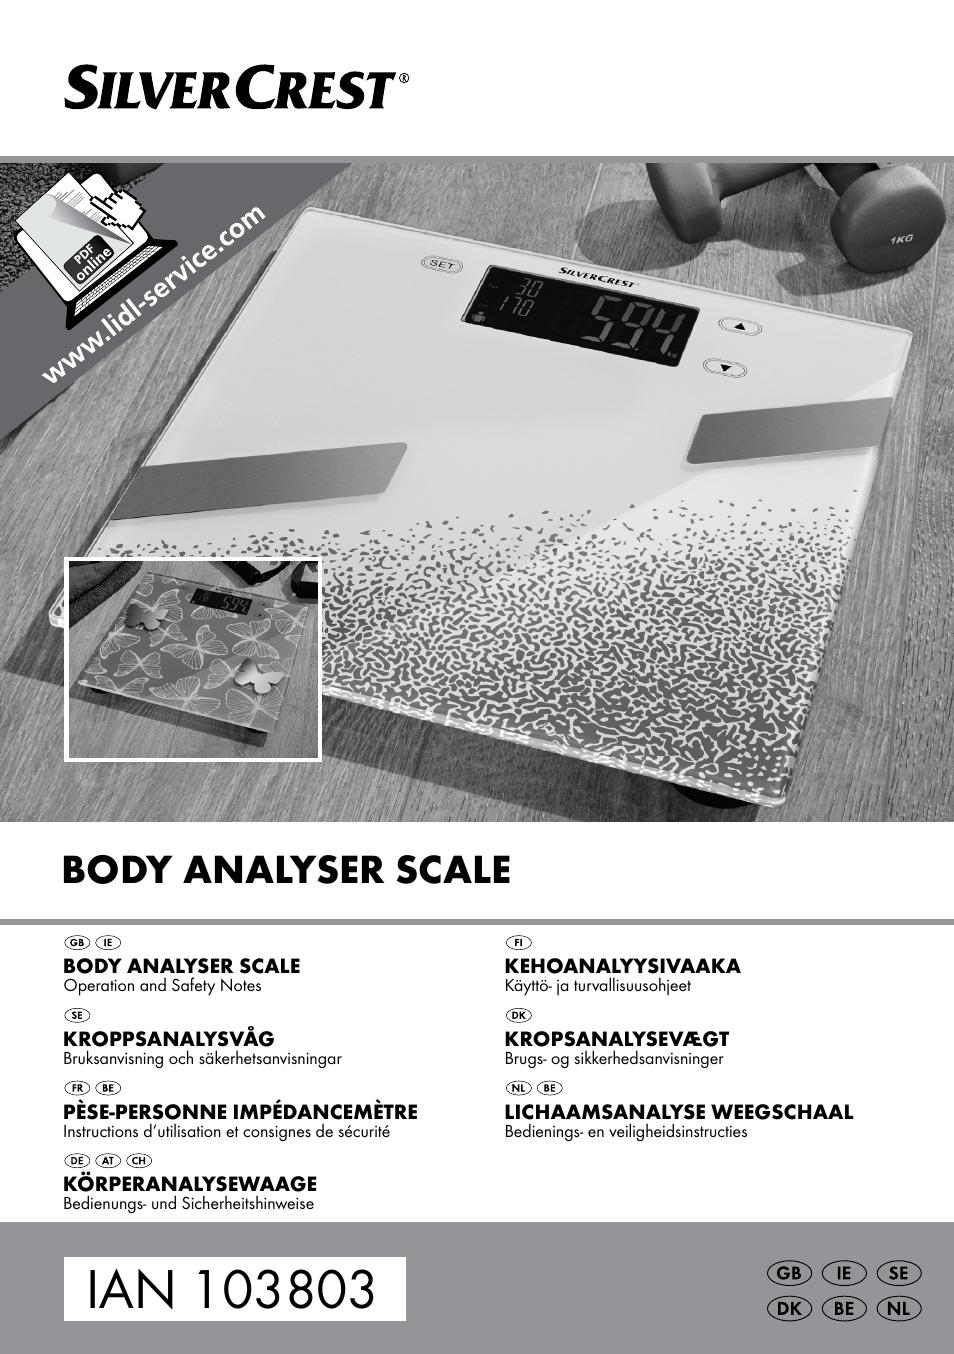 lichaamsanalyse weegschaal betrouwbaar